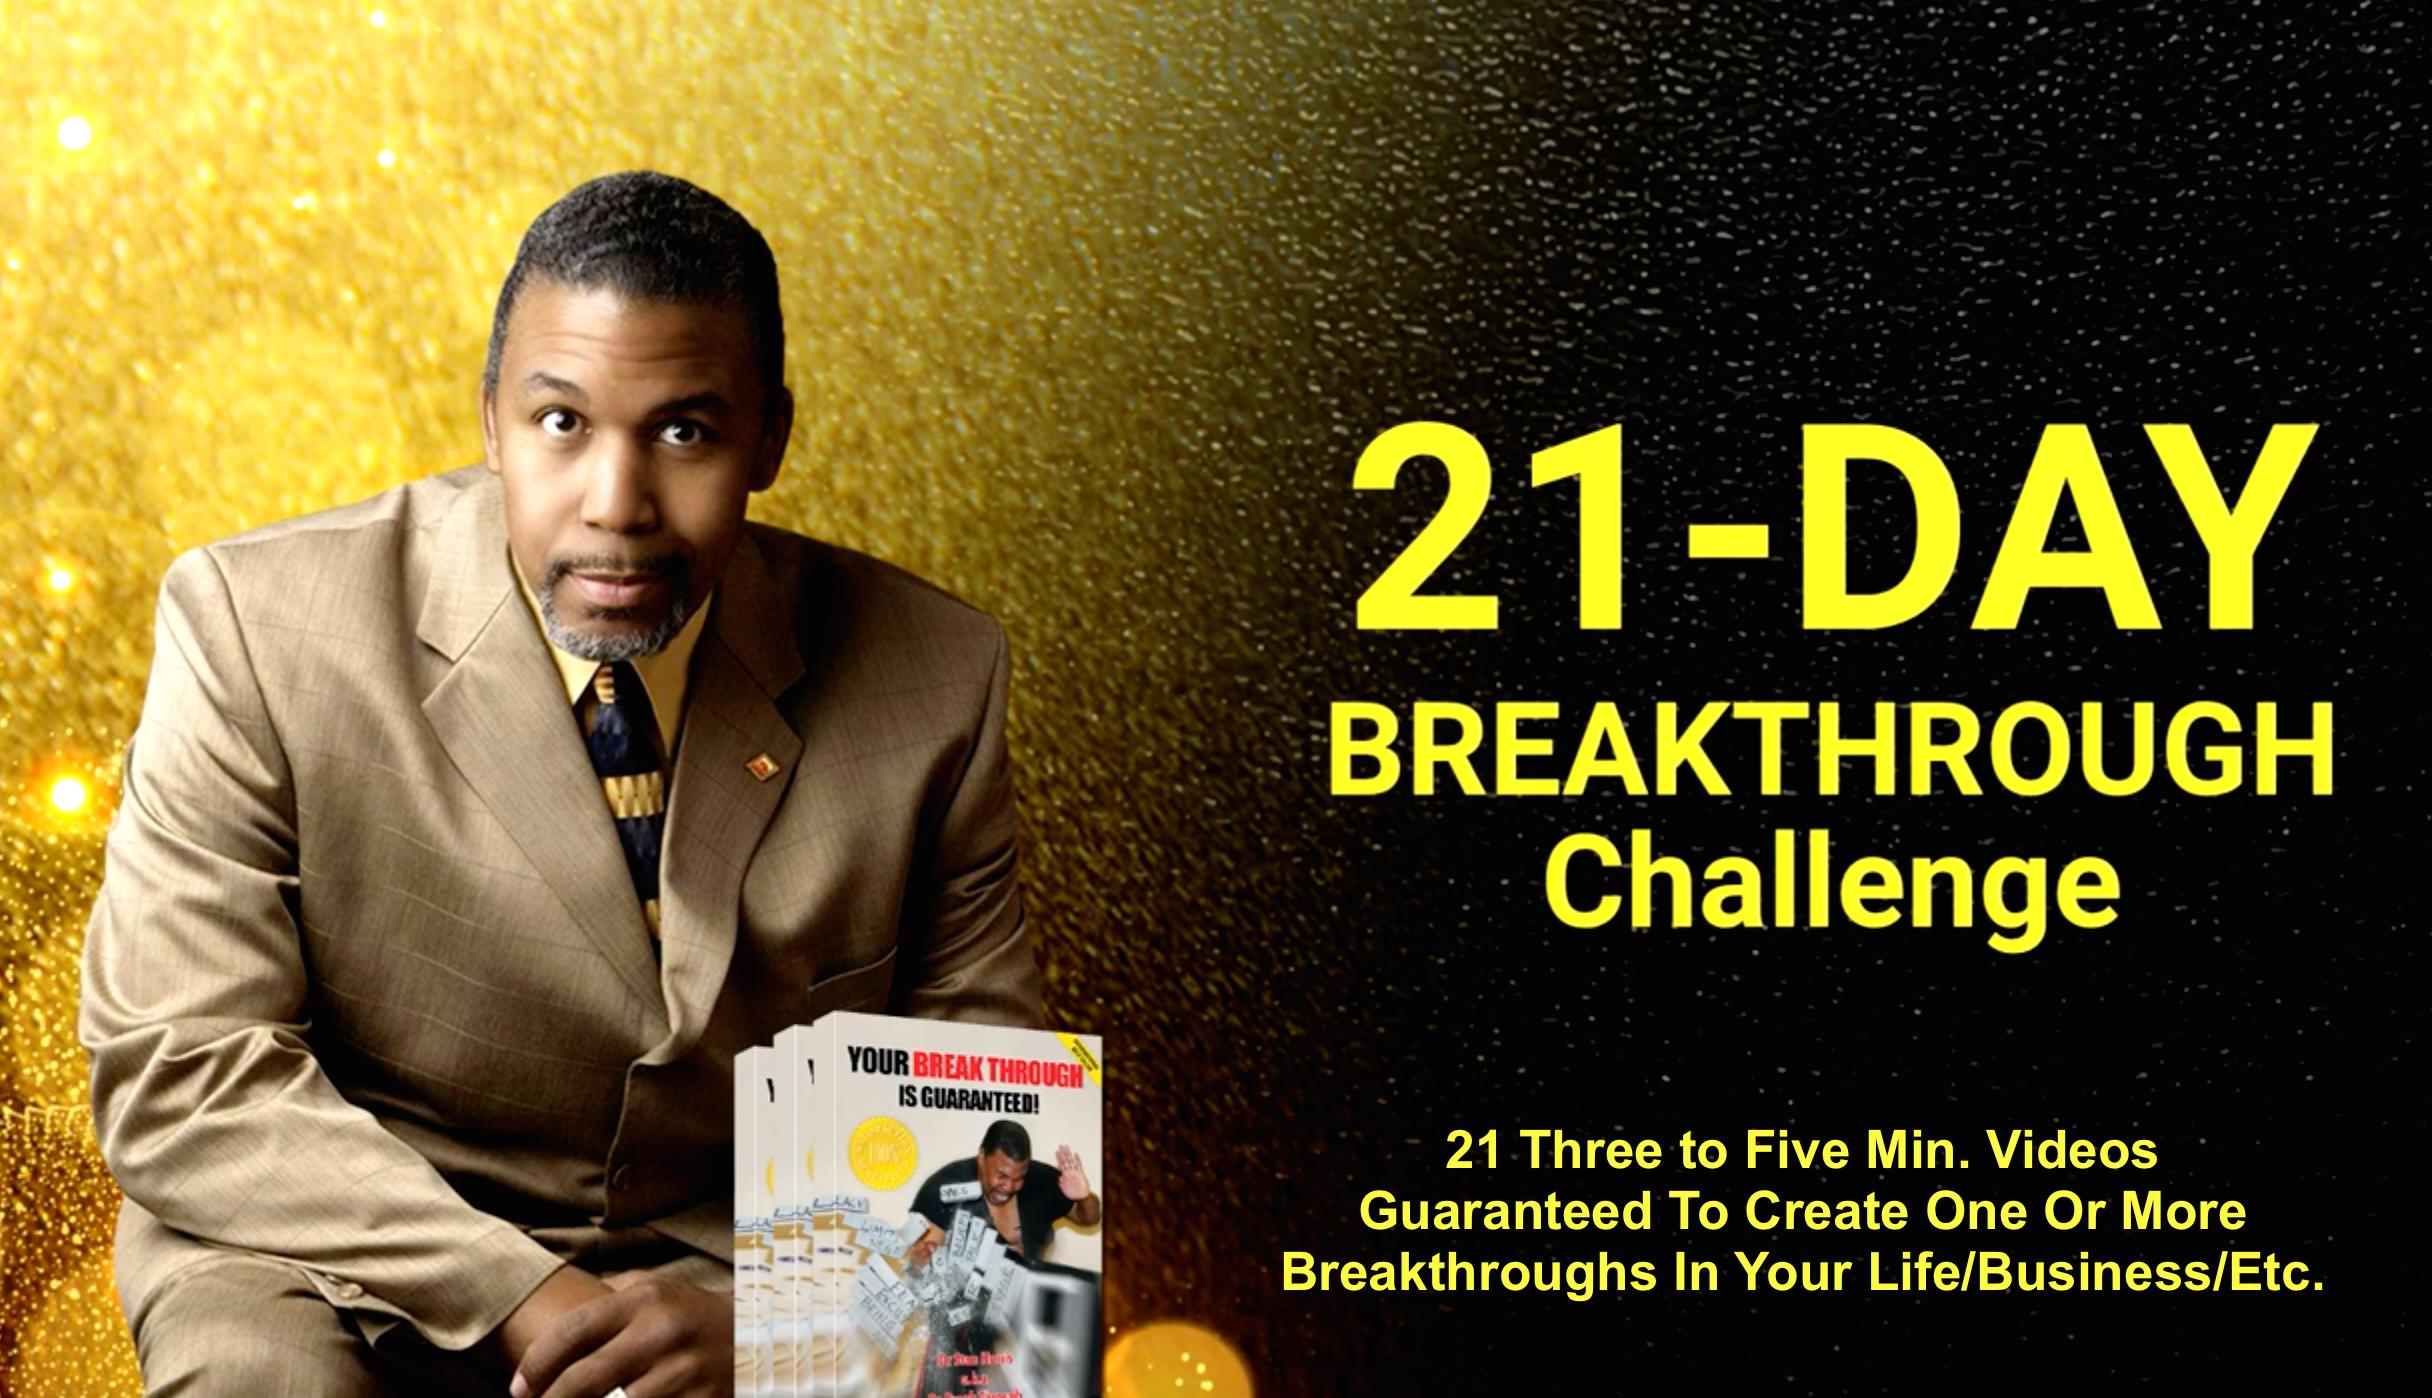 21 Day Breakthrough Challenge ...